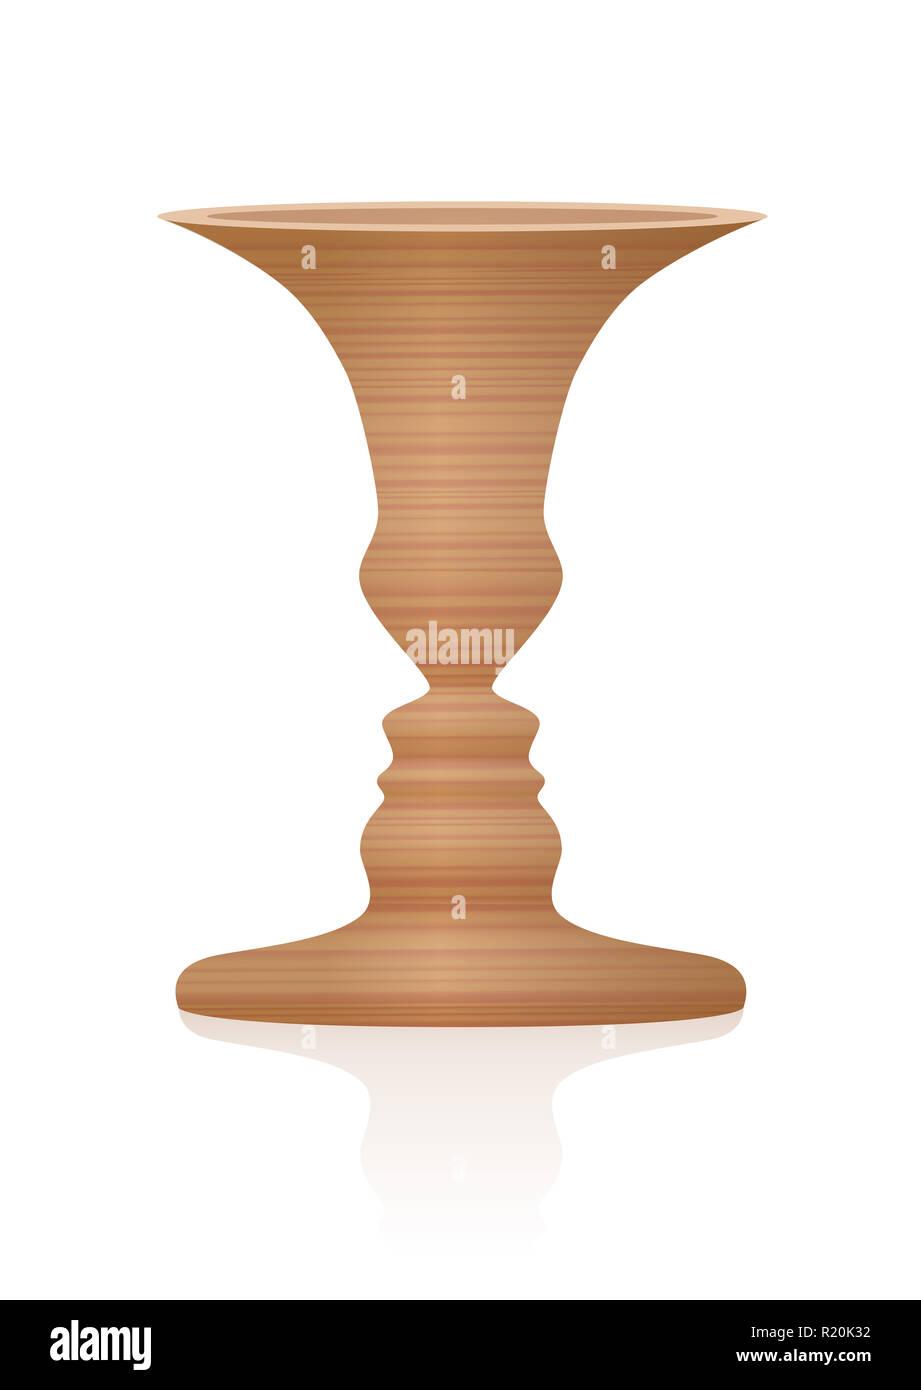 Vaso con due facce di profilo, illusione ottica. Testurizzato di legno tridimensionale del vaso. In psicologia noto come identificare la figura da sfondo. Immagini Stock